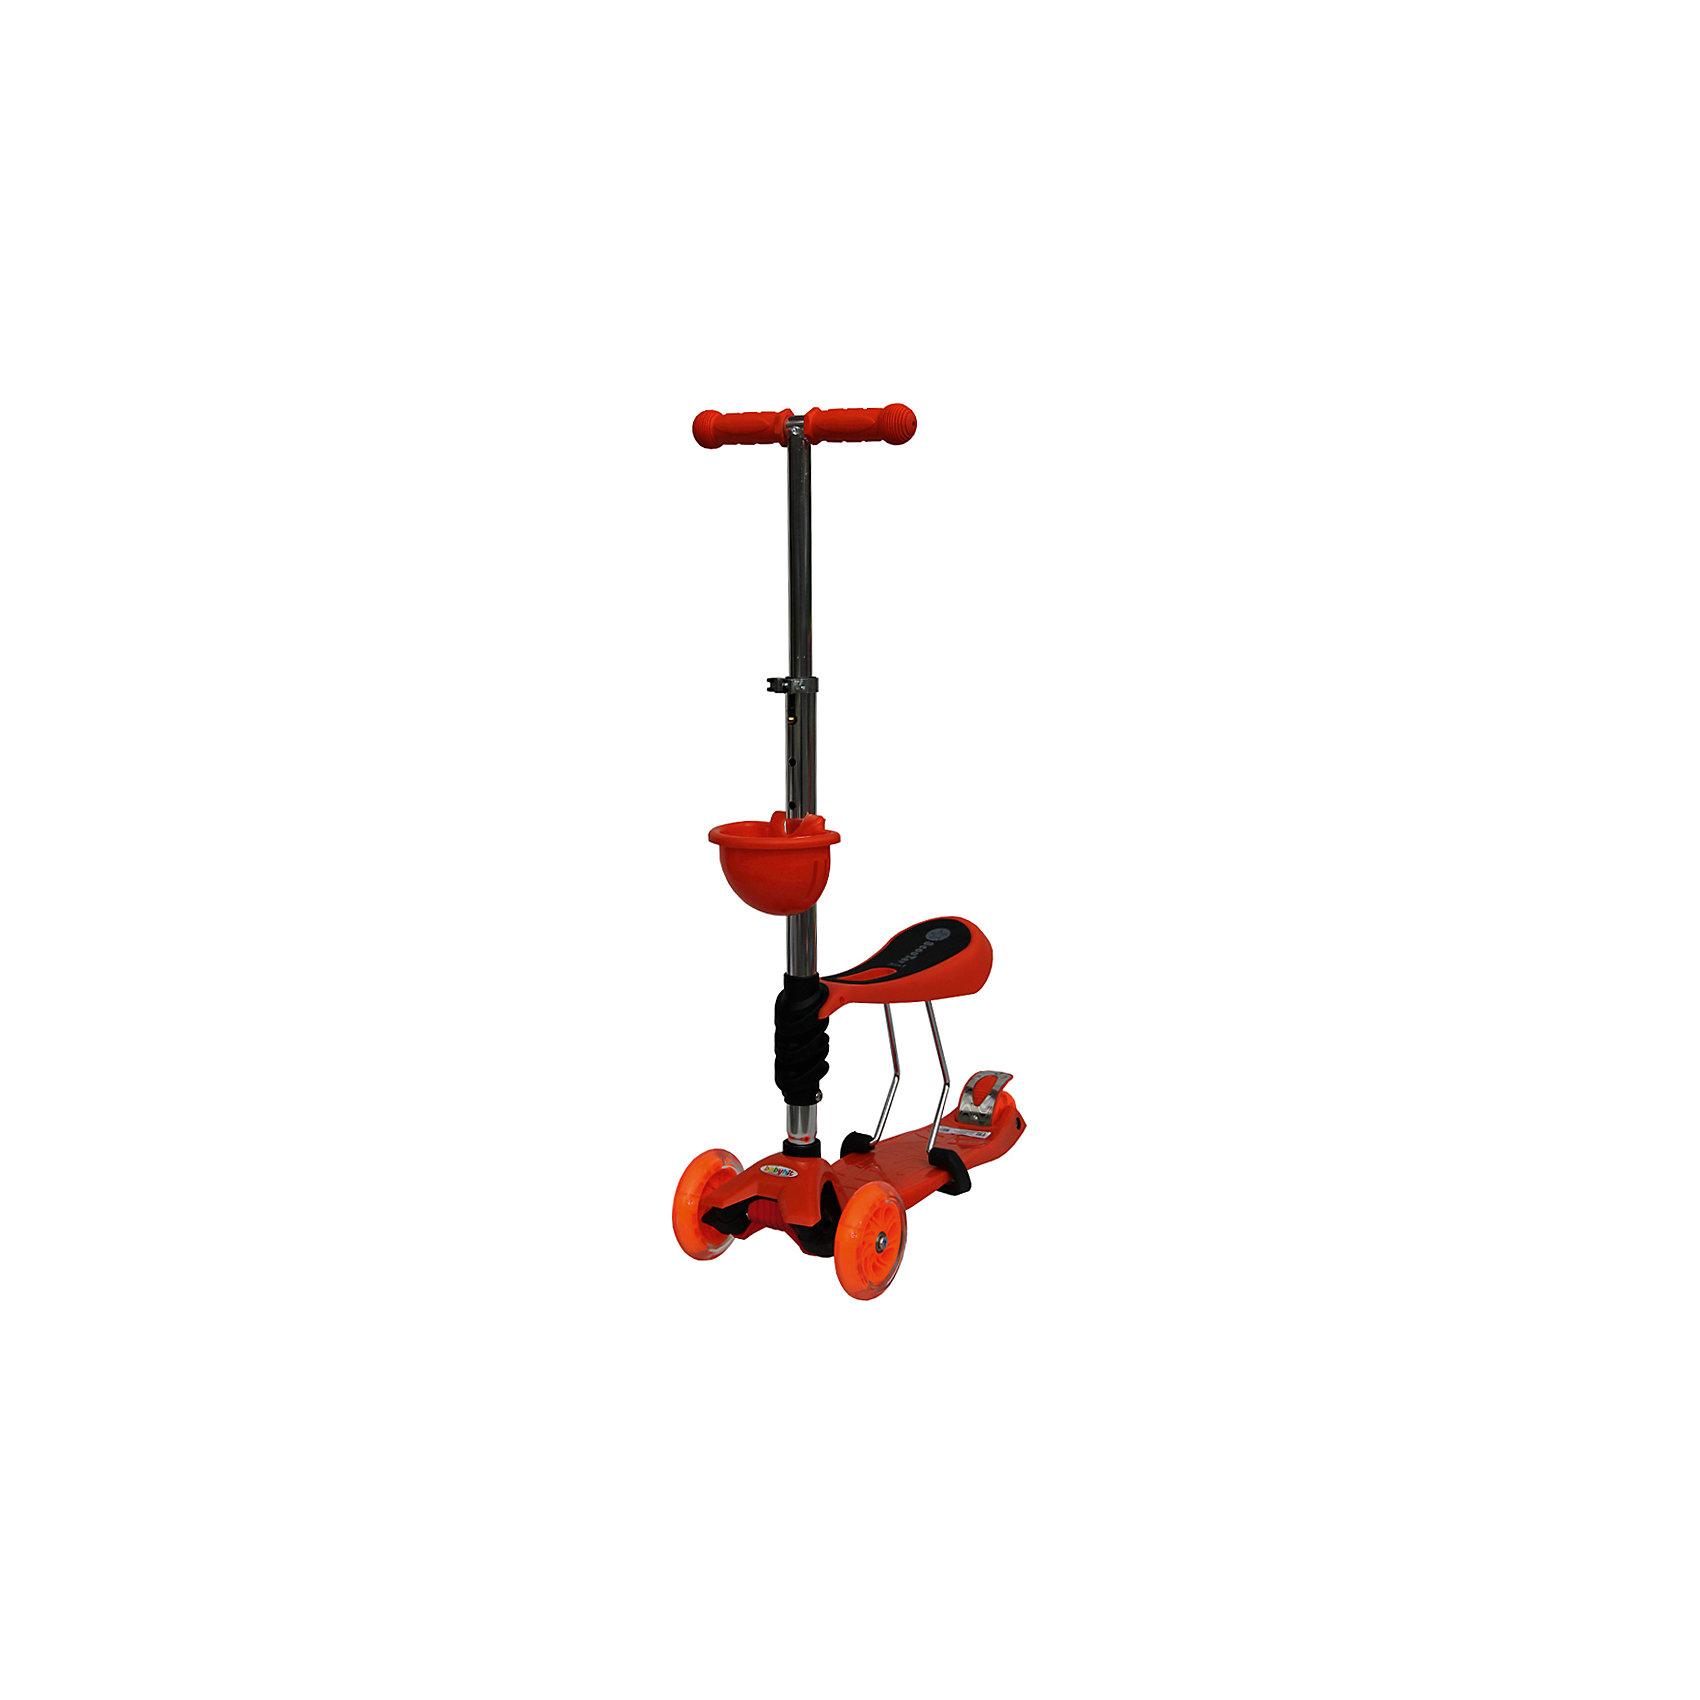 Самокат, оранжевый,  ScooterOK TolocarСамокаты<br>Особенности самоката-толокара Babyhit ScooterOk Tolocar:<br>• Для детей от 3-х лет<br>• Регулируемая по высоте ручка (от 65 до 90 см) <br>• Силиконовые колеса со светодиодной подсветкой<br>• Задние сдвоенные колеса для большей устойчивости<br>• Съемное сидение, превращающее самокат в толокар (на высоте 40 см)<br>• Корзинка для мелочей<br>• Усиленная платформа <br>• Высокое качество применяемых материалов<br>• Диаметр колес: передние – 120 мм, задние – 80 мм<br>• Максимальная нагрузка - до 40 кг<br><br>Ширина мм: 600<br>Глубина мм: 145<br>Высота мм: 280<br>Вес г: 3660<br>Цвет: оранжевый<br>Возраст от месяцев: 36<br>Возраст до месяцев: 2147483647<br>Пол: Унисекс<br>Возраст: Детский<br>SKU: 5614425